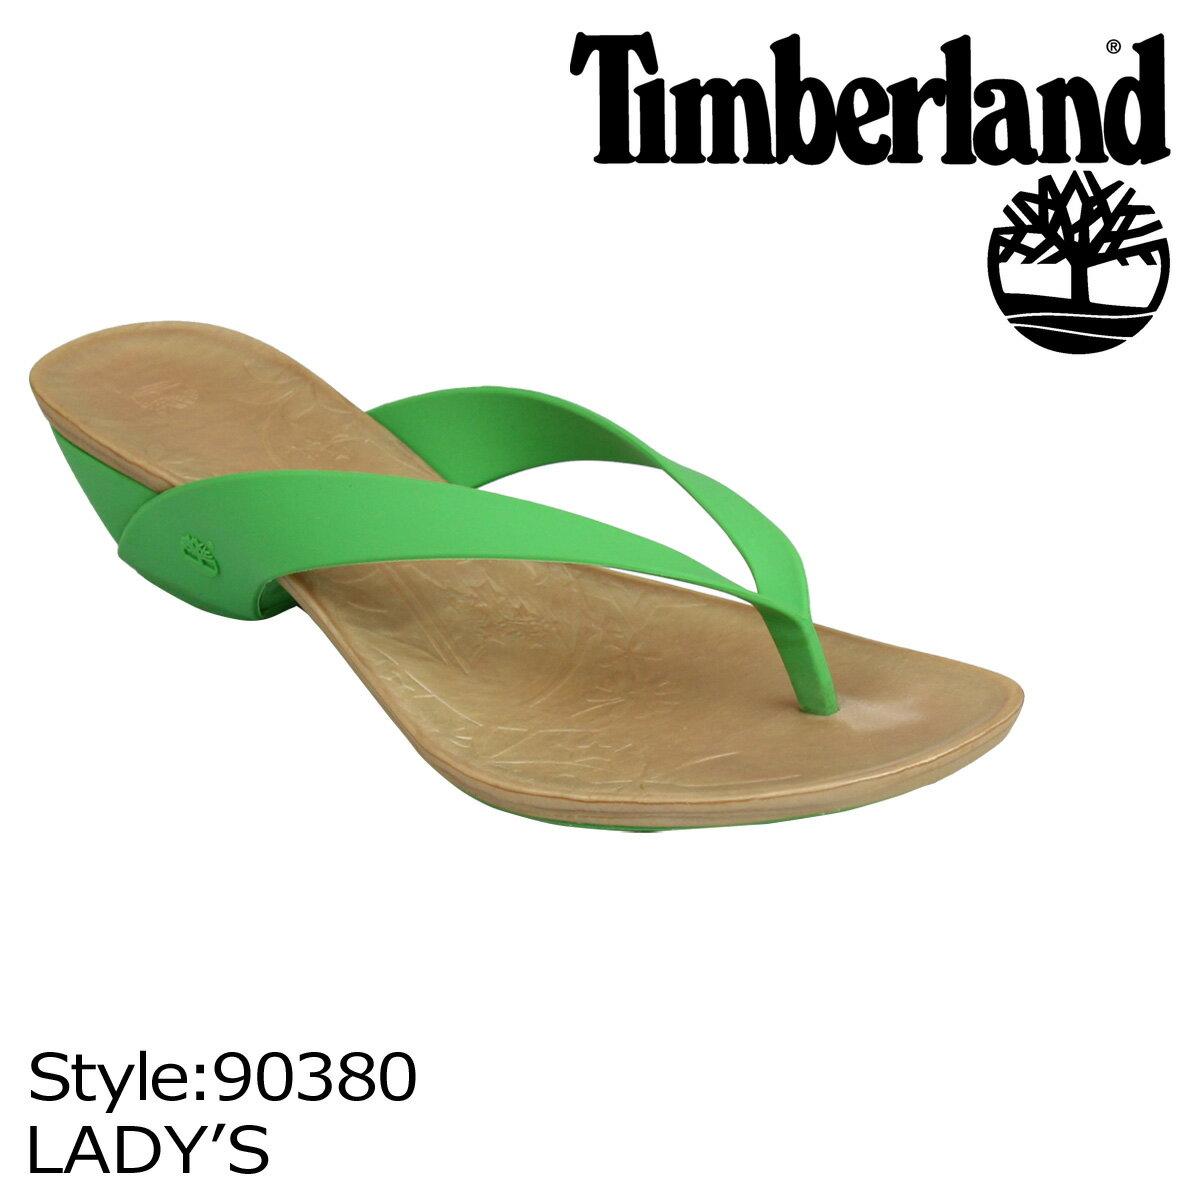 【訳あり】 Timberland ティンバーランド レディース WOMEN'S FLIRTATIOUS THONG サンダル トングサンダル 90380 グリーン